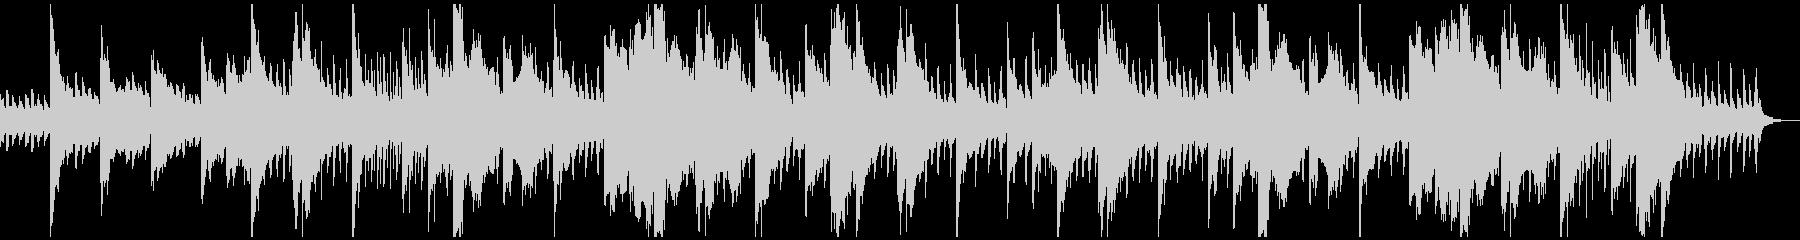 pfとストリングス ・サスペンス・回想の未再生の波形